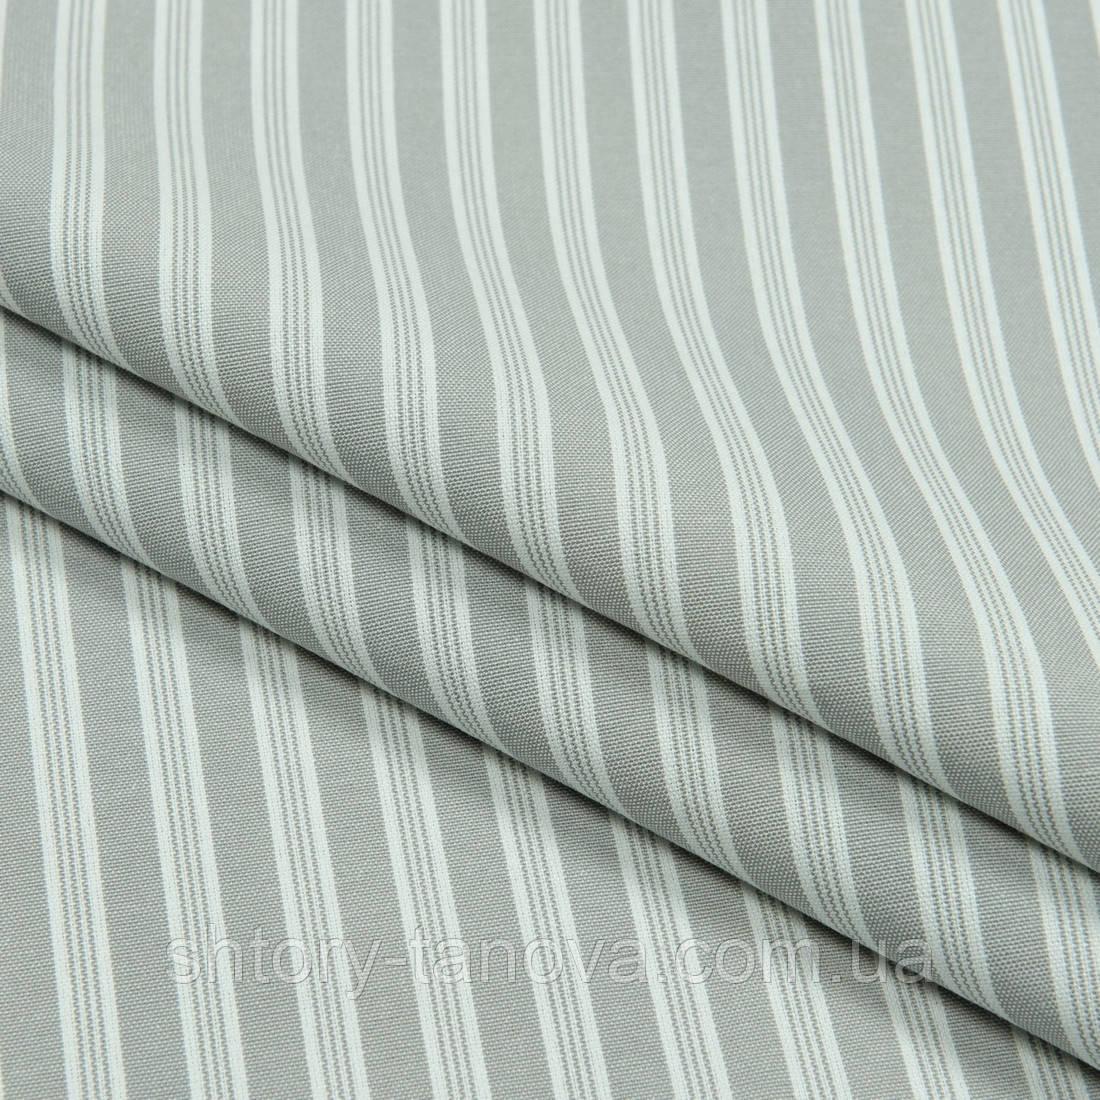 Декоративна тканина рустик смуга,сірий